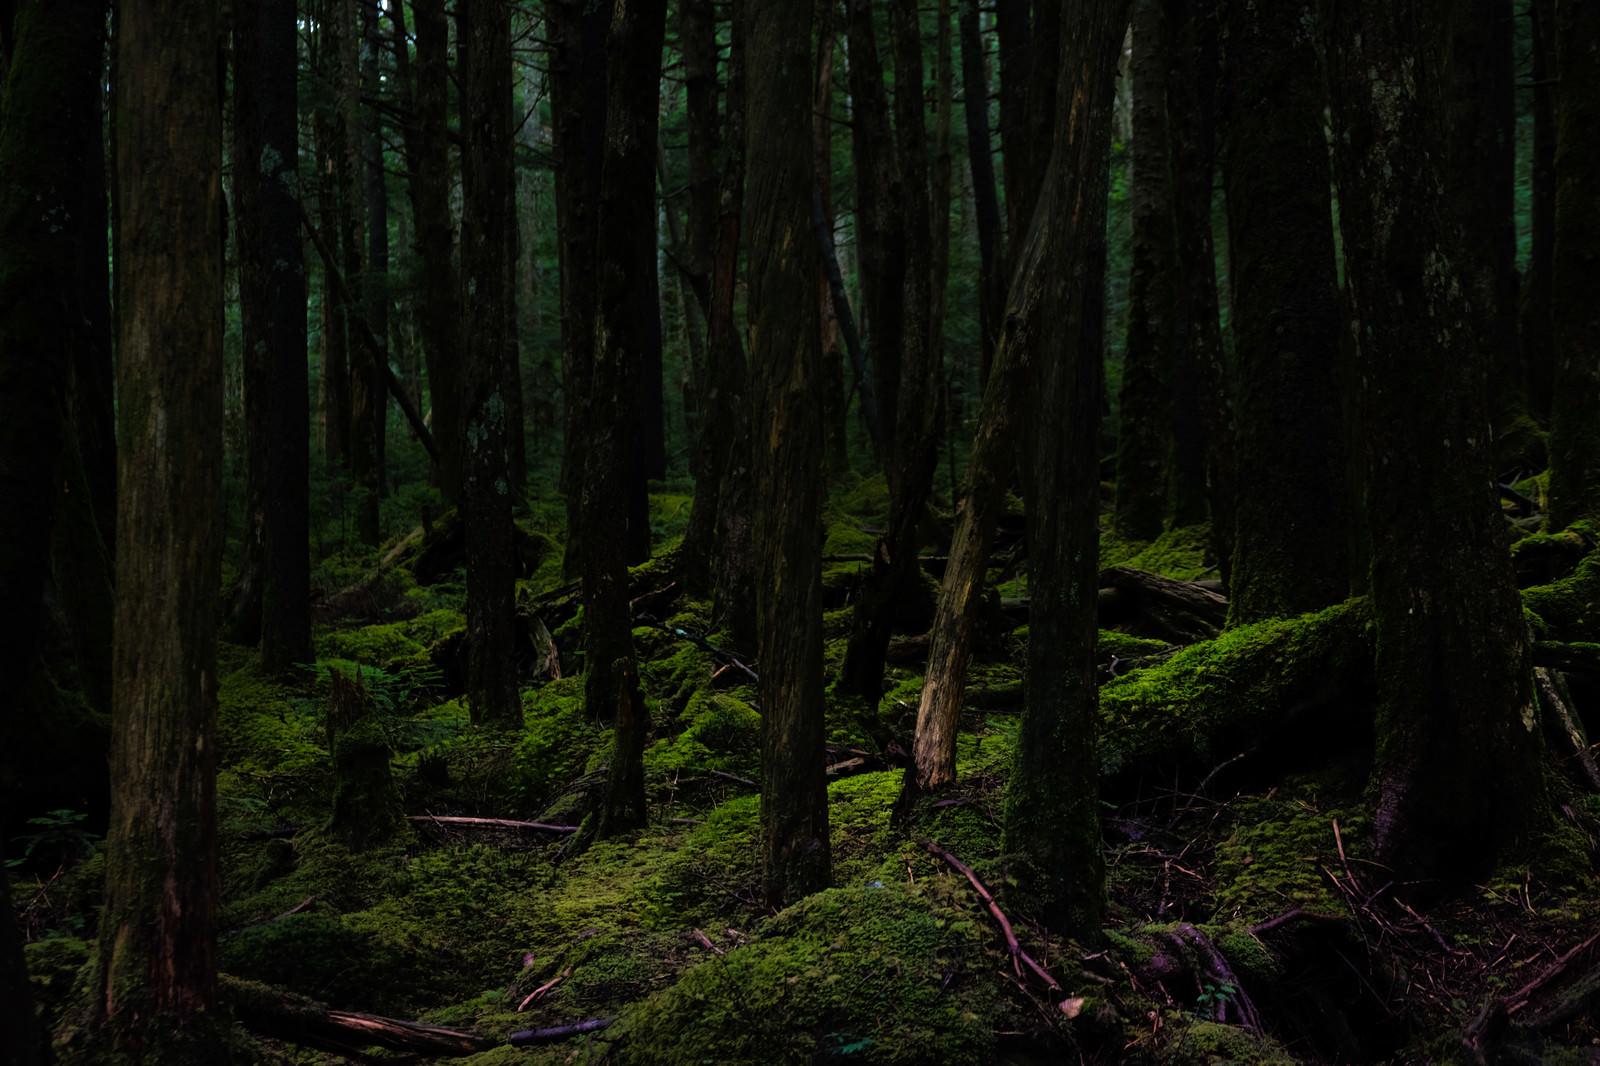 「静寂な白駒の原生林 | 写真の無料素材・フリー素材 - ぱくたそ」の写真